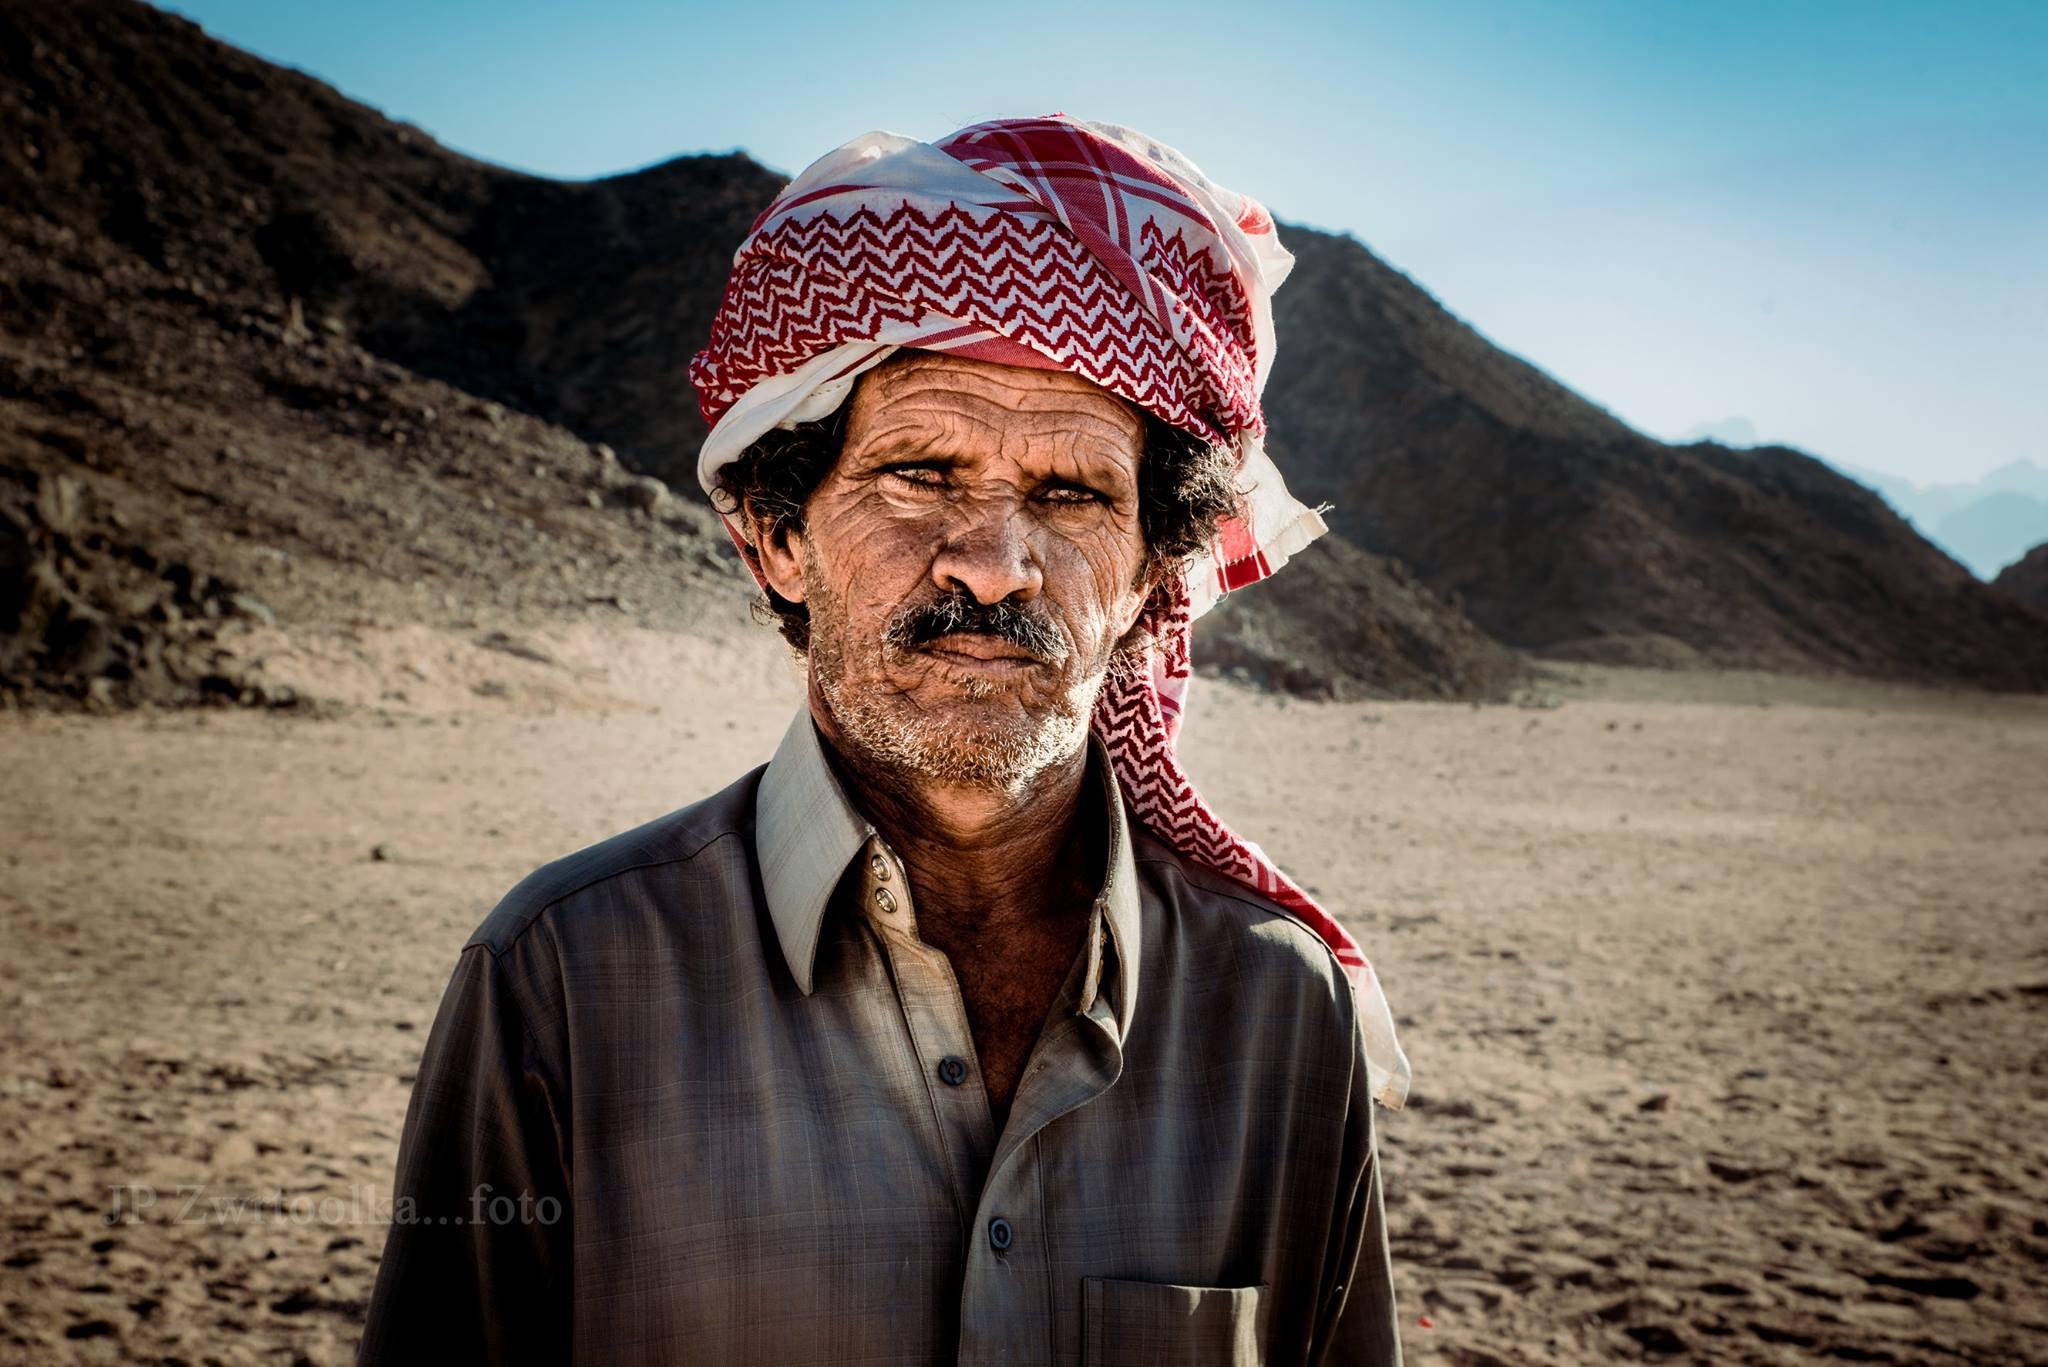 osamoteny pastier v egypte pozuje fotografovi